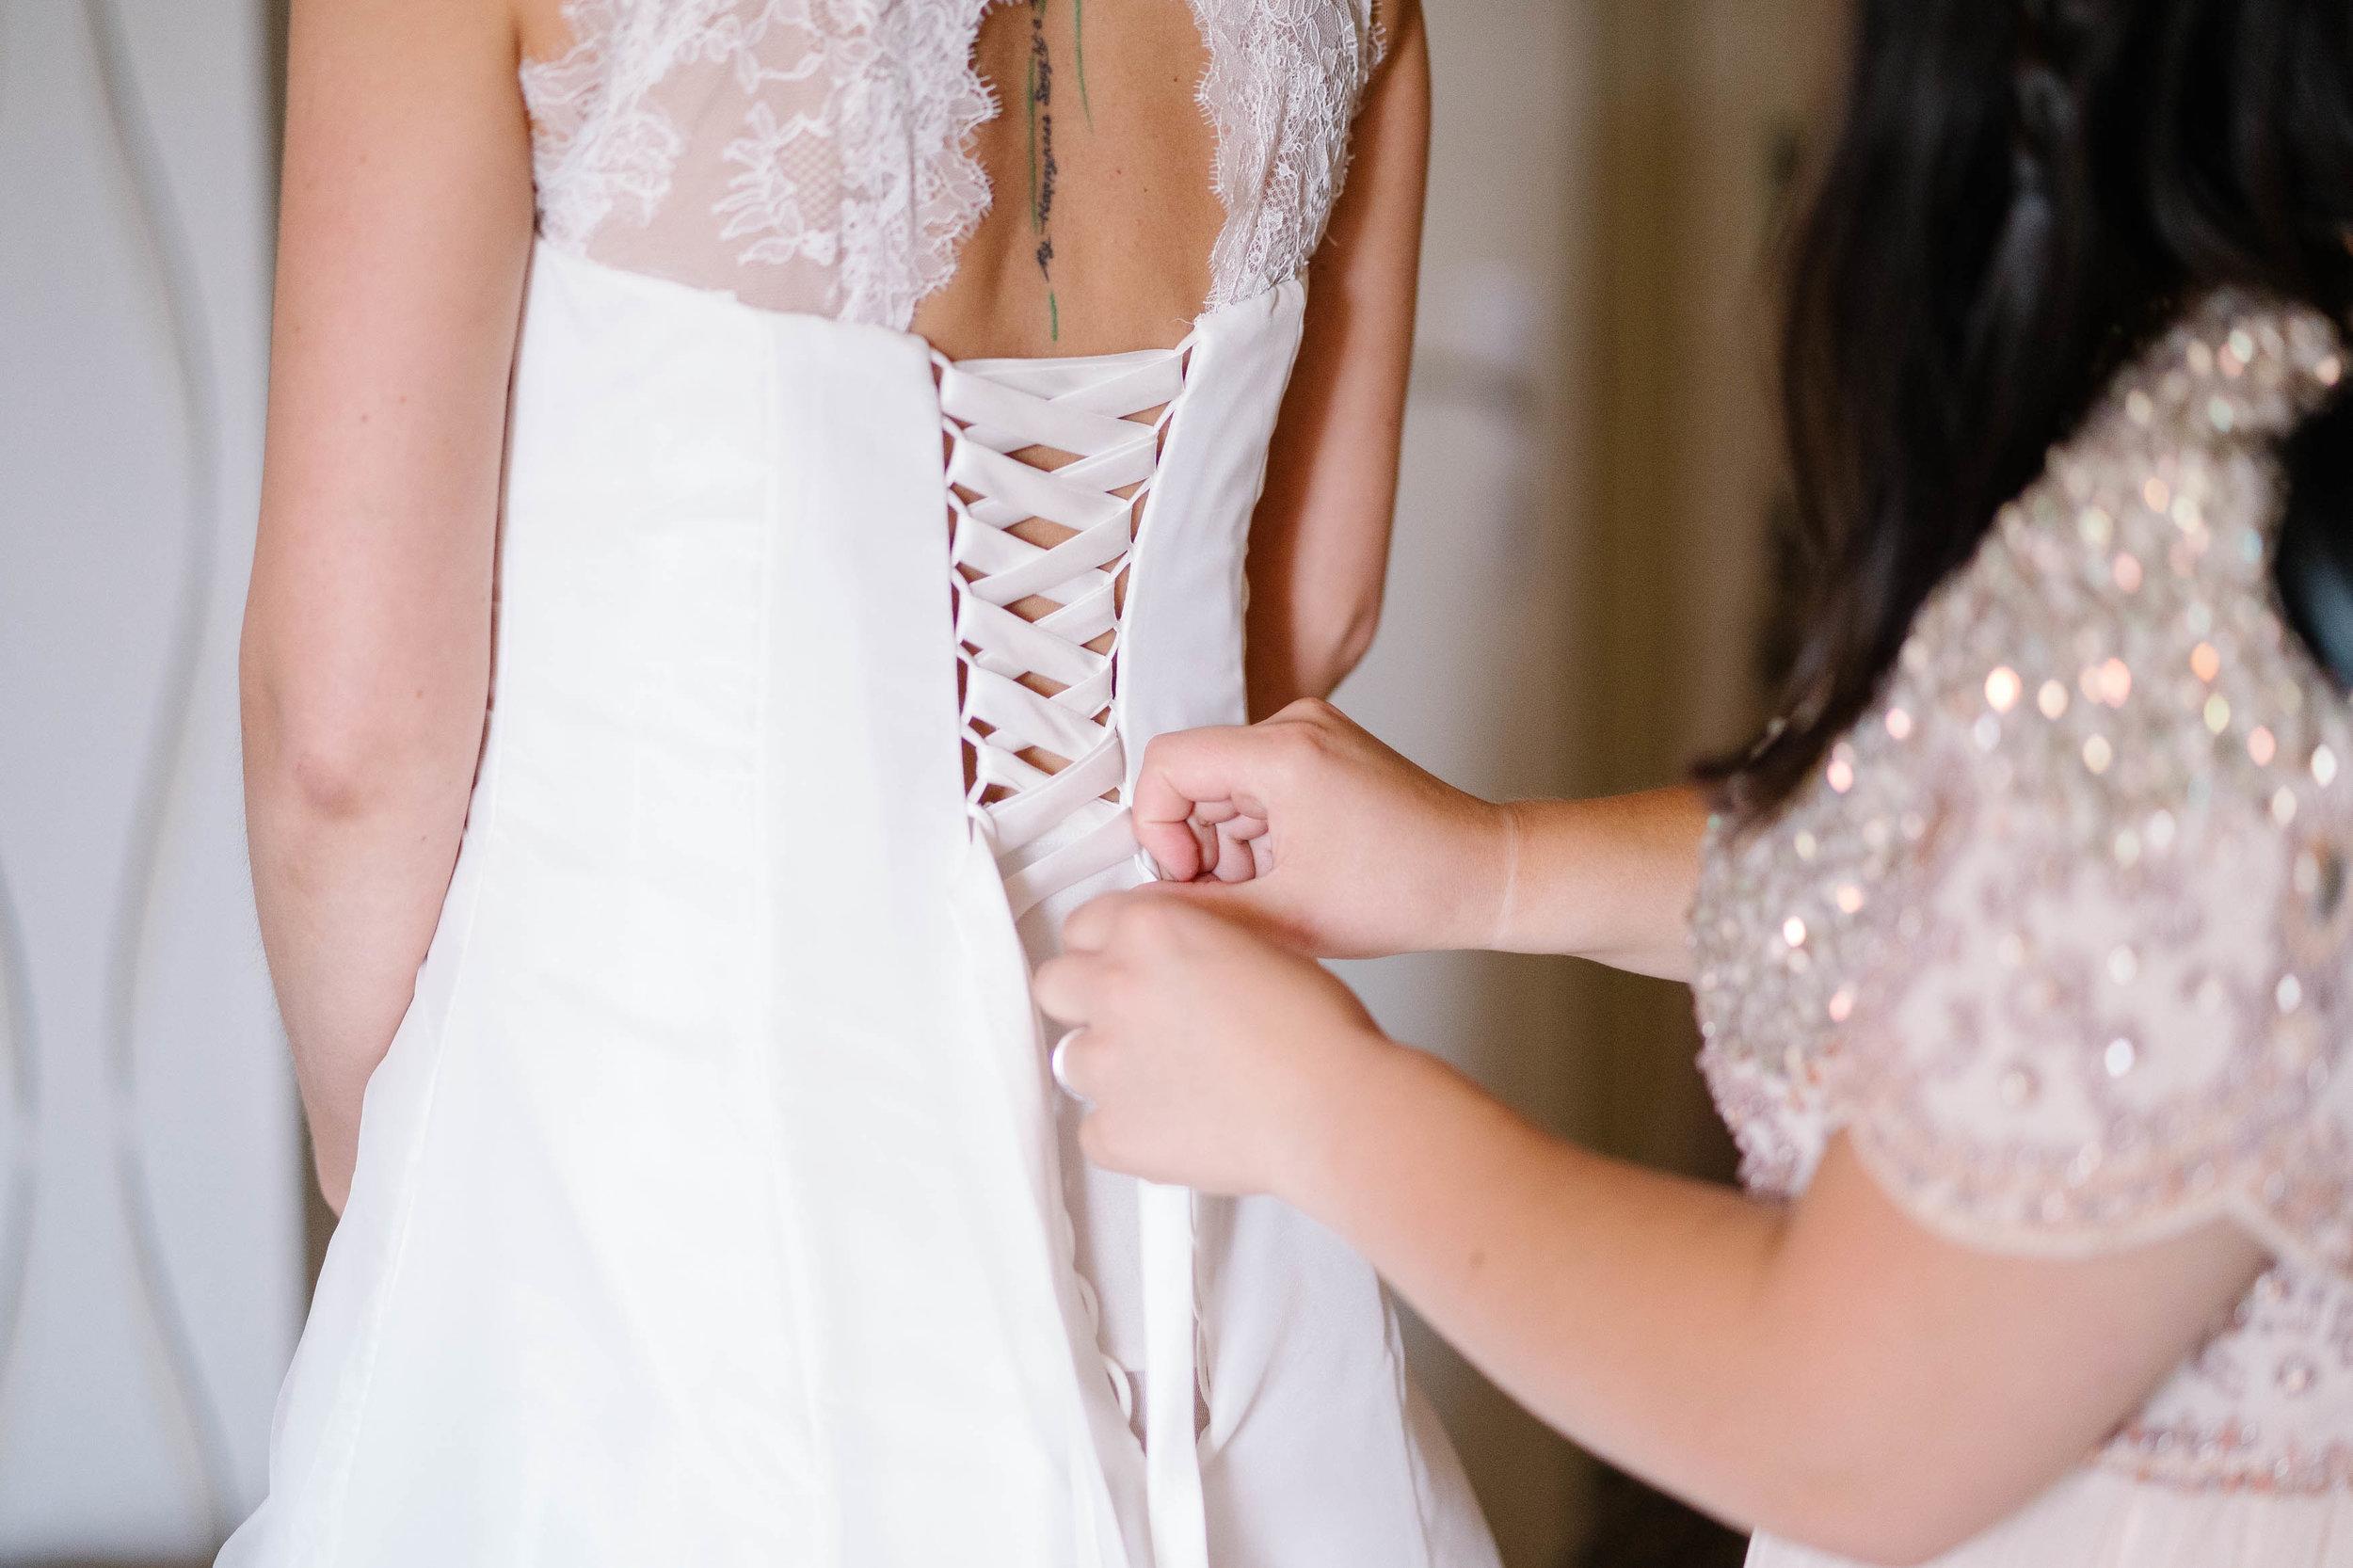 v-photographe-videaste-mariage-bruxelles-leleu-6.jpg